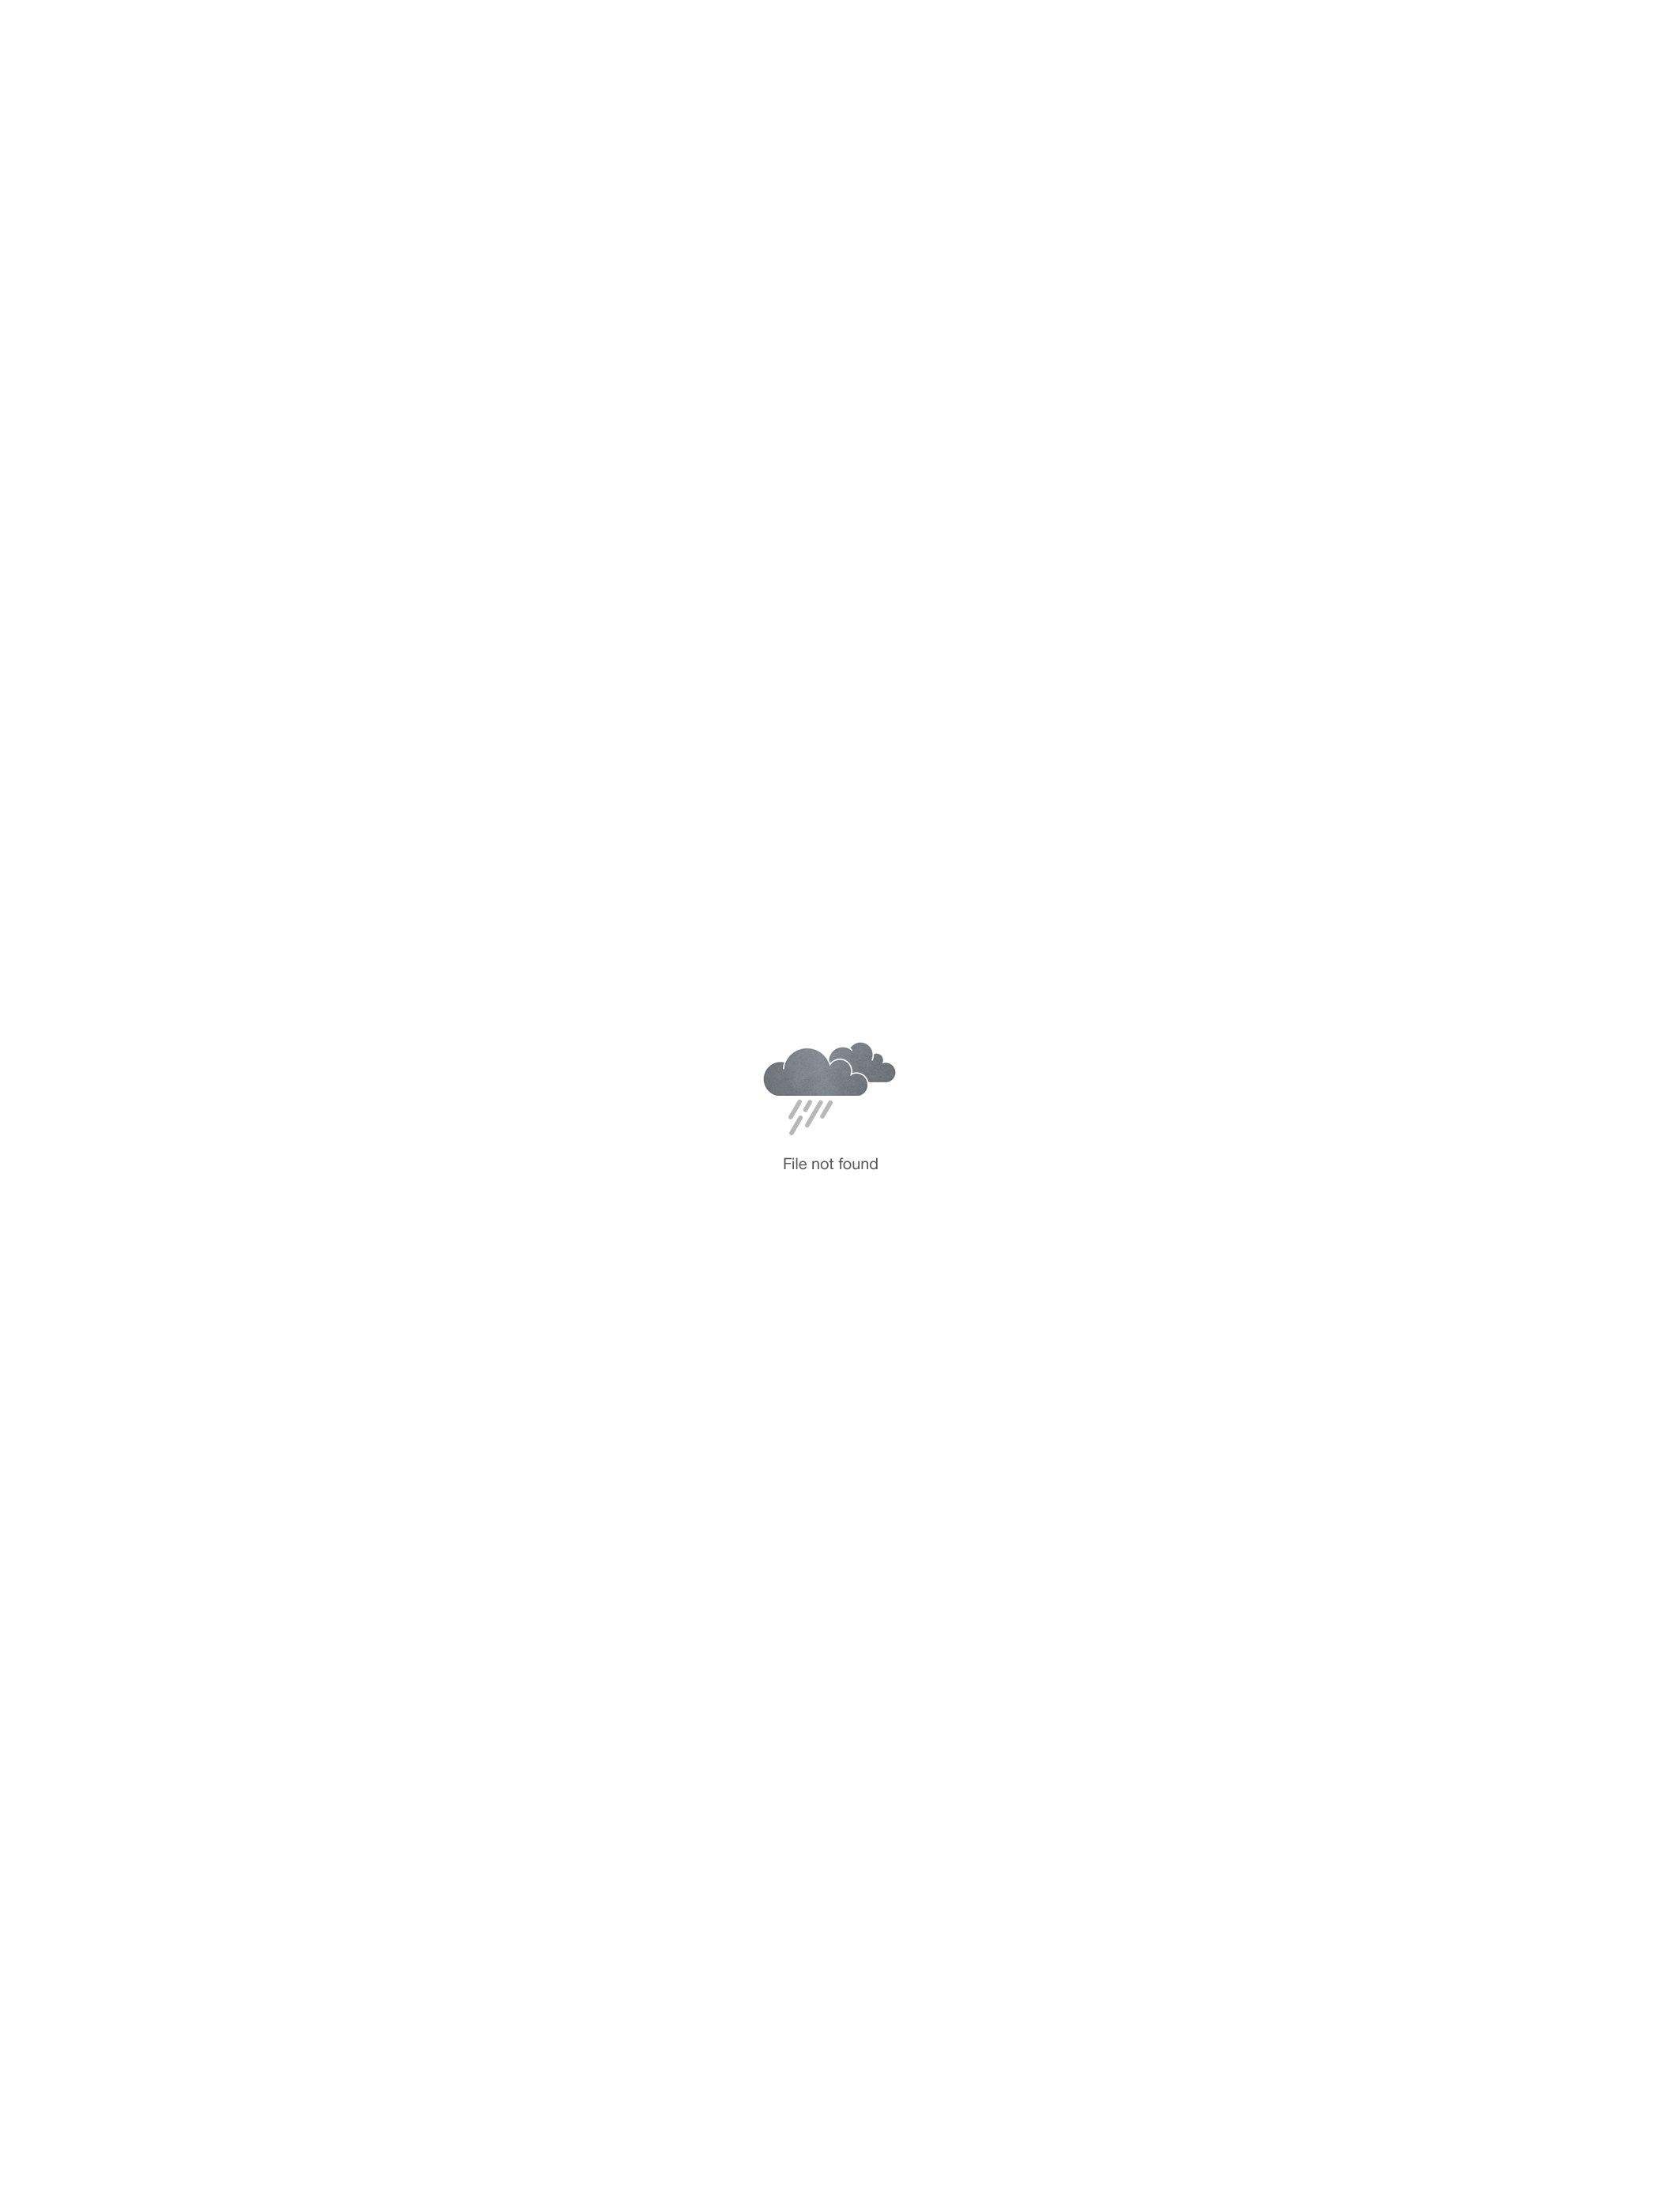 Подвеска с кристаллом Дымчатого Кварца - Vibe pendant with Smoky Quartz